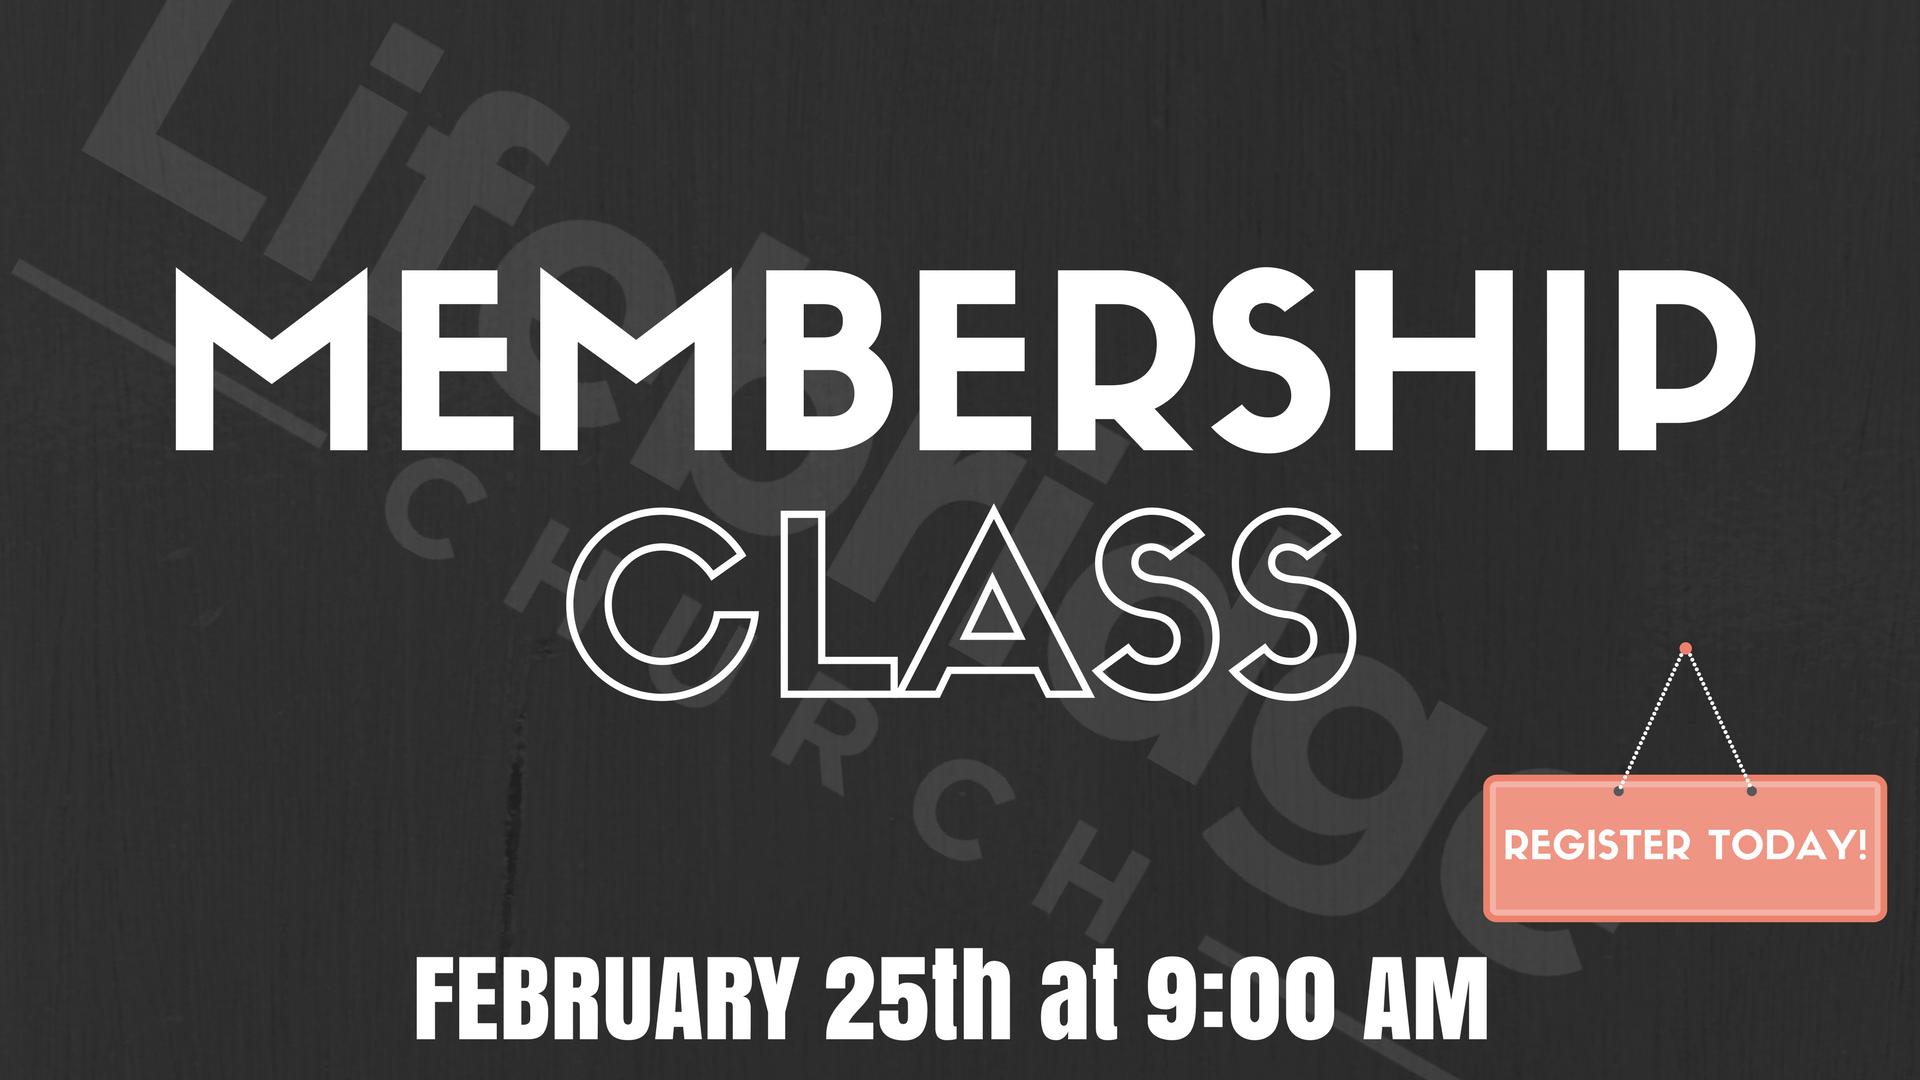 Membershipclass022018